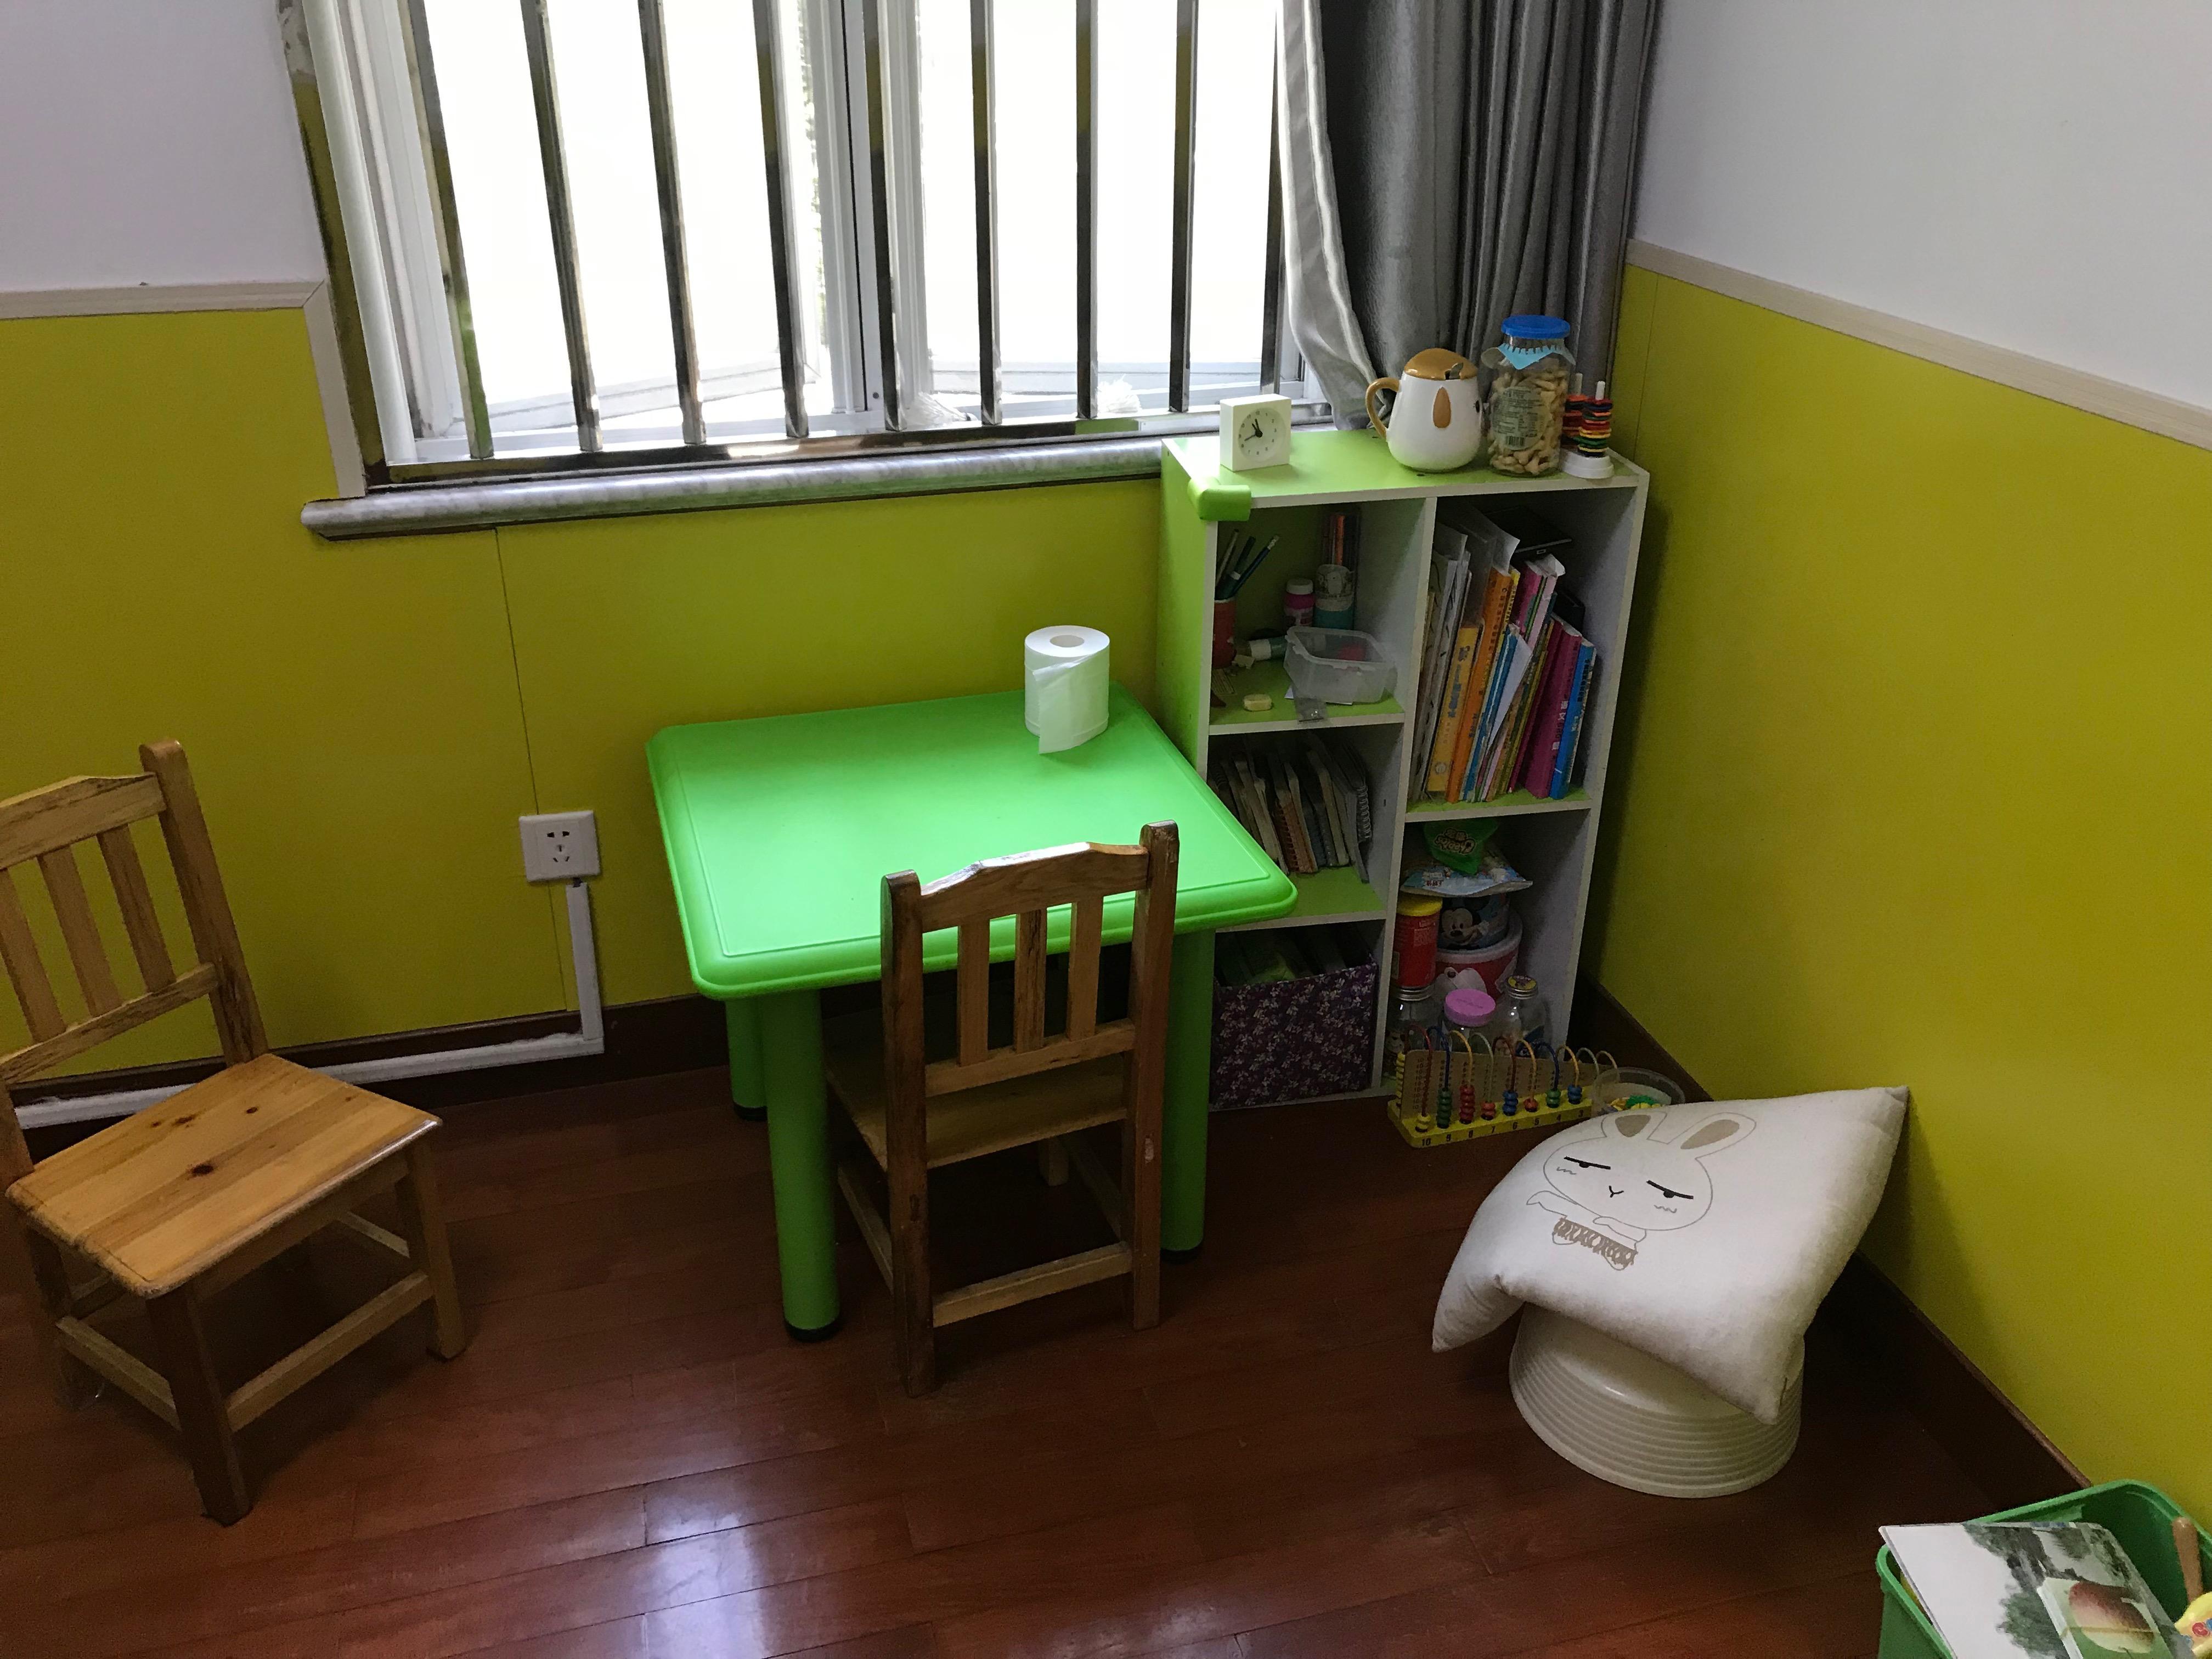 上海哪家自闭症机构好_上海语滔教育科技有限公司